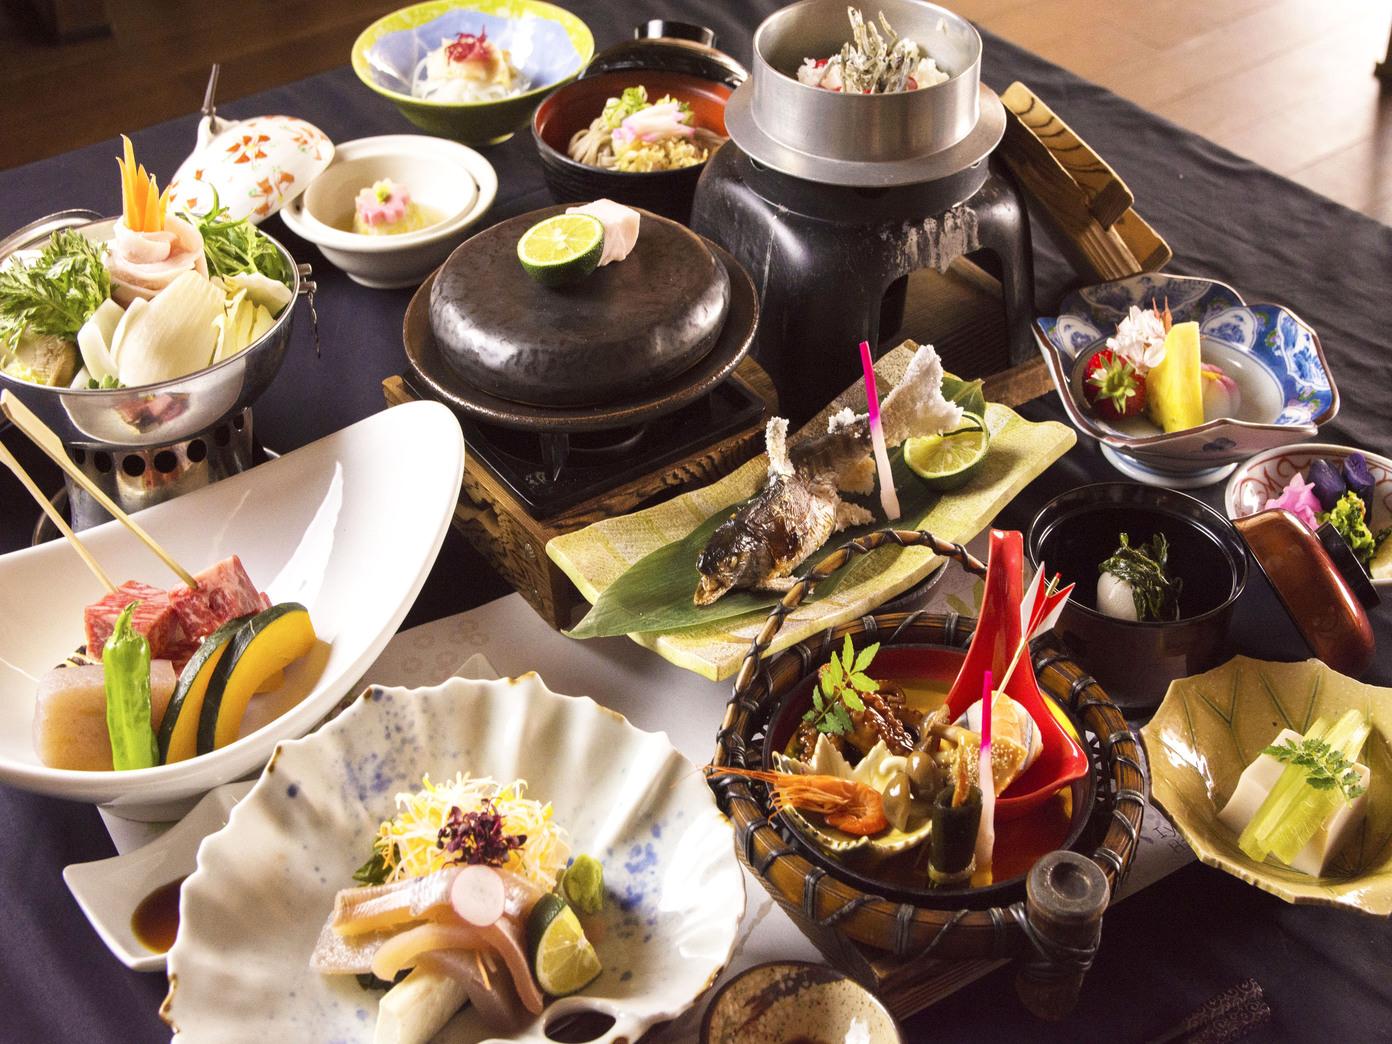 秘境祖谷の四季を旬食材で贅沢に愉しむ「極」会席